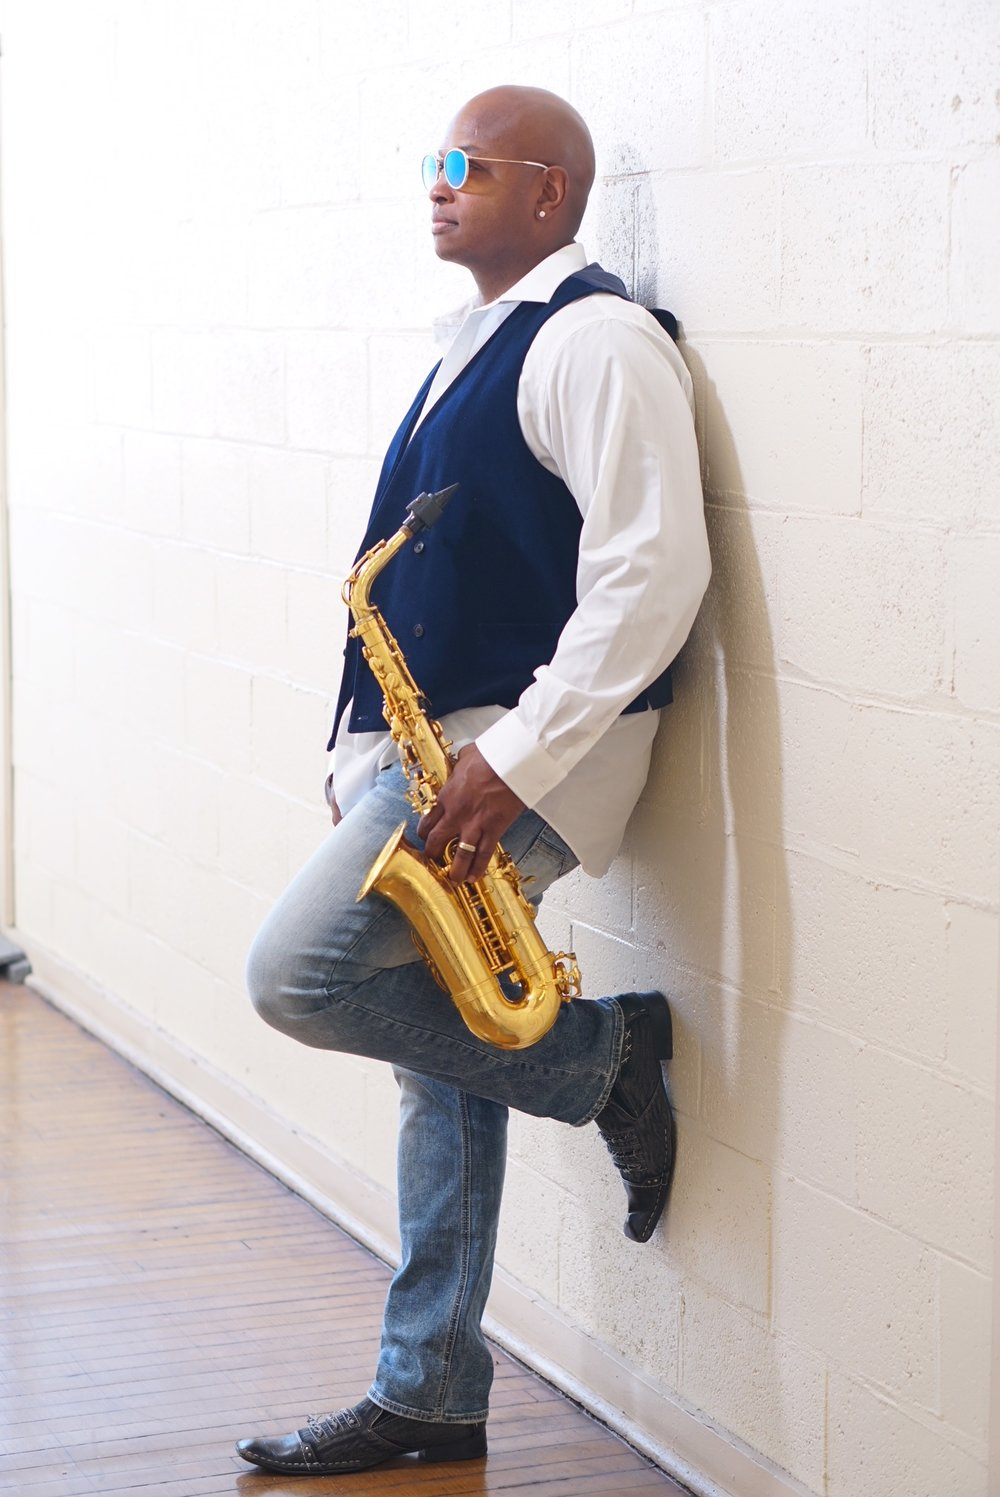 David Davis Virtuoso Alto.jpg